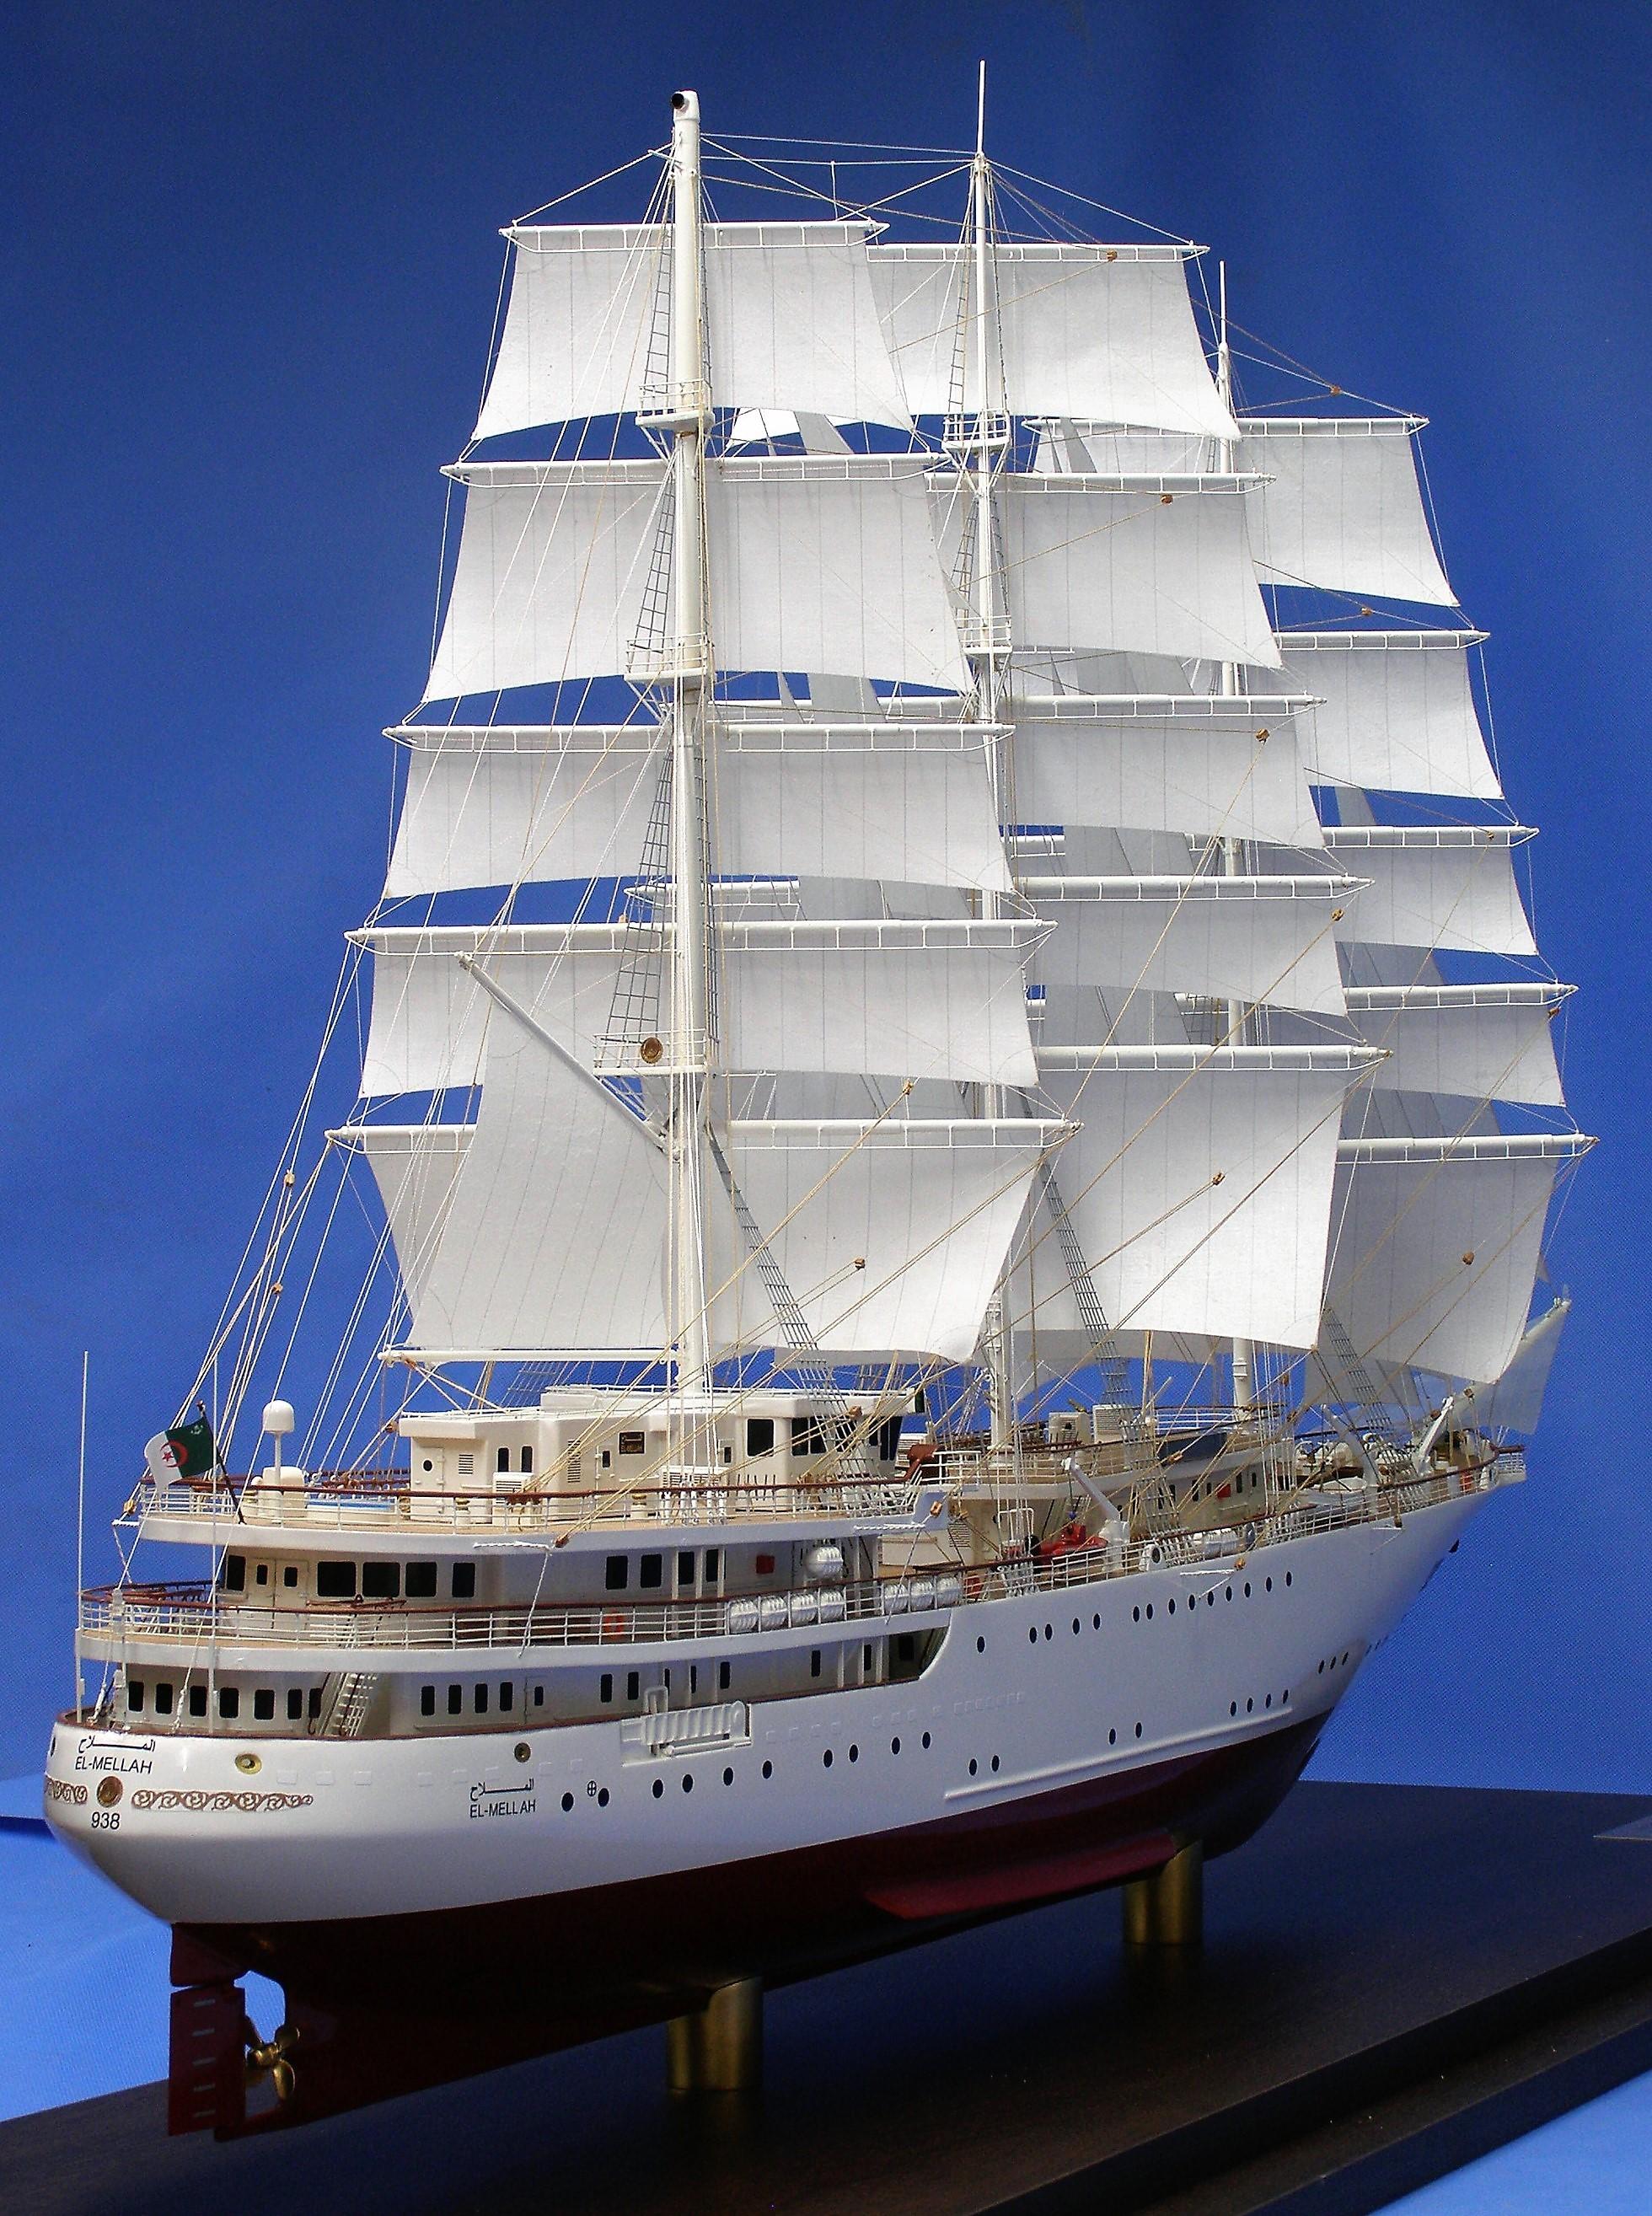 صور السفينة الشراعية الجزائرية  [ الملاح 938 ] - صفحة 11 41216652900_42774b3548_o